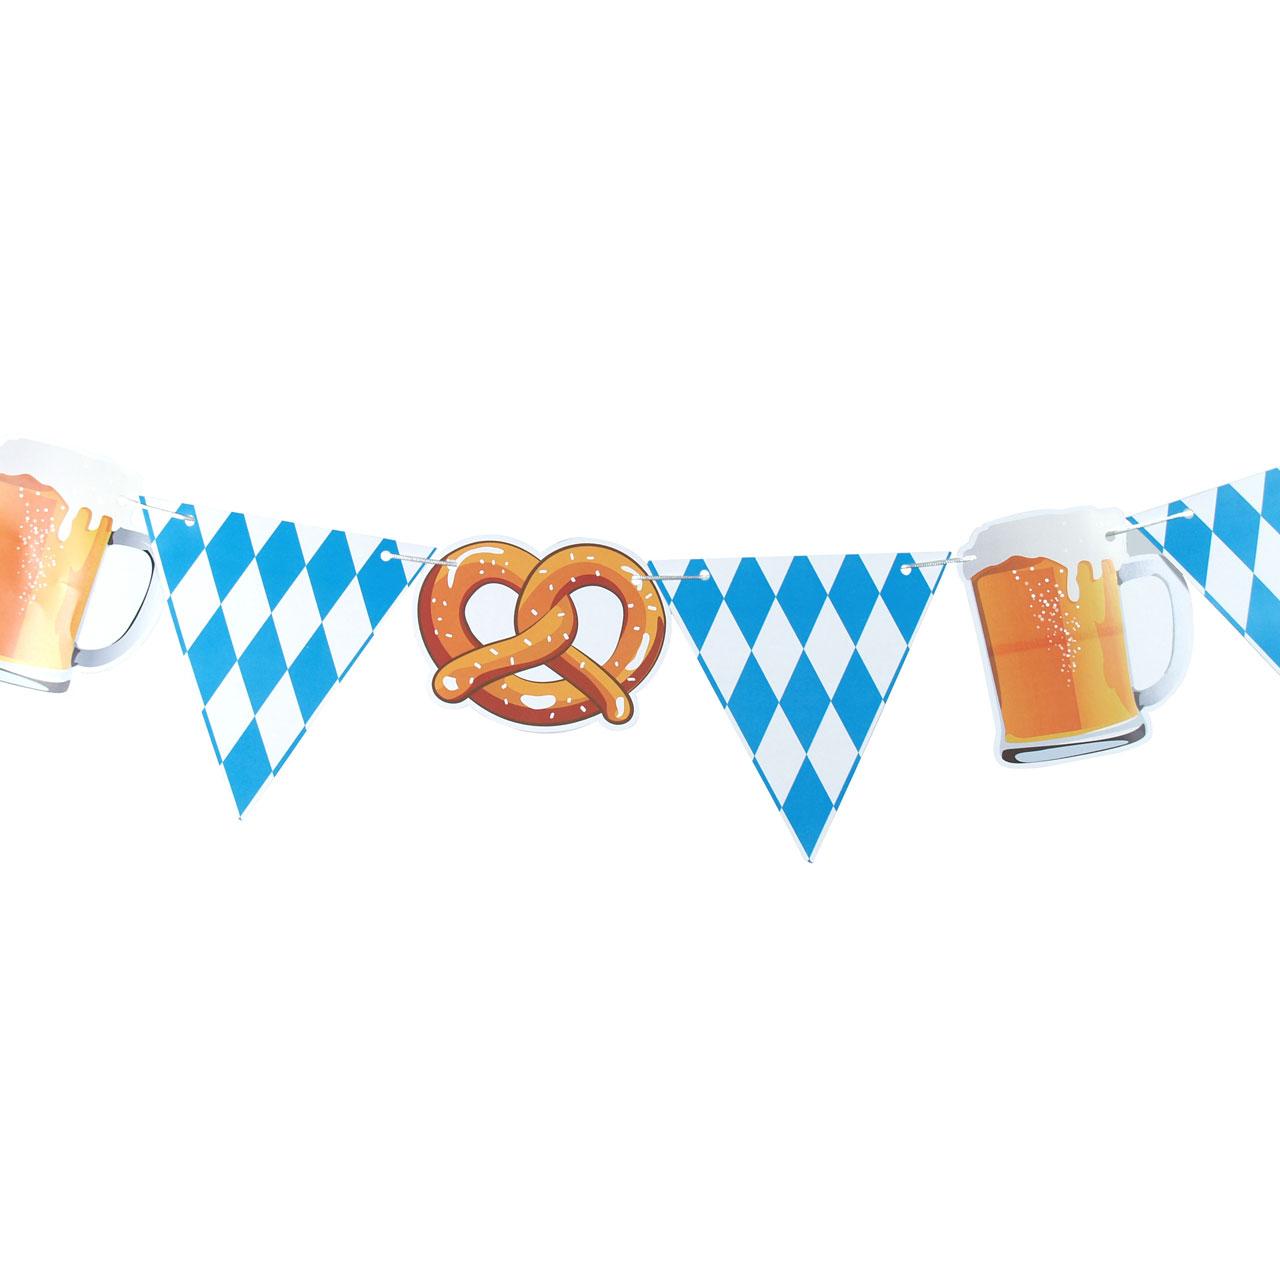 wimpelkette oktoberfest brezel   bier  wei u00df blau octoberfest clip art vector oktoberfest clip art free